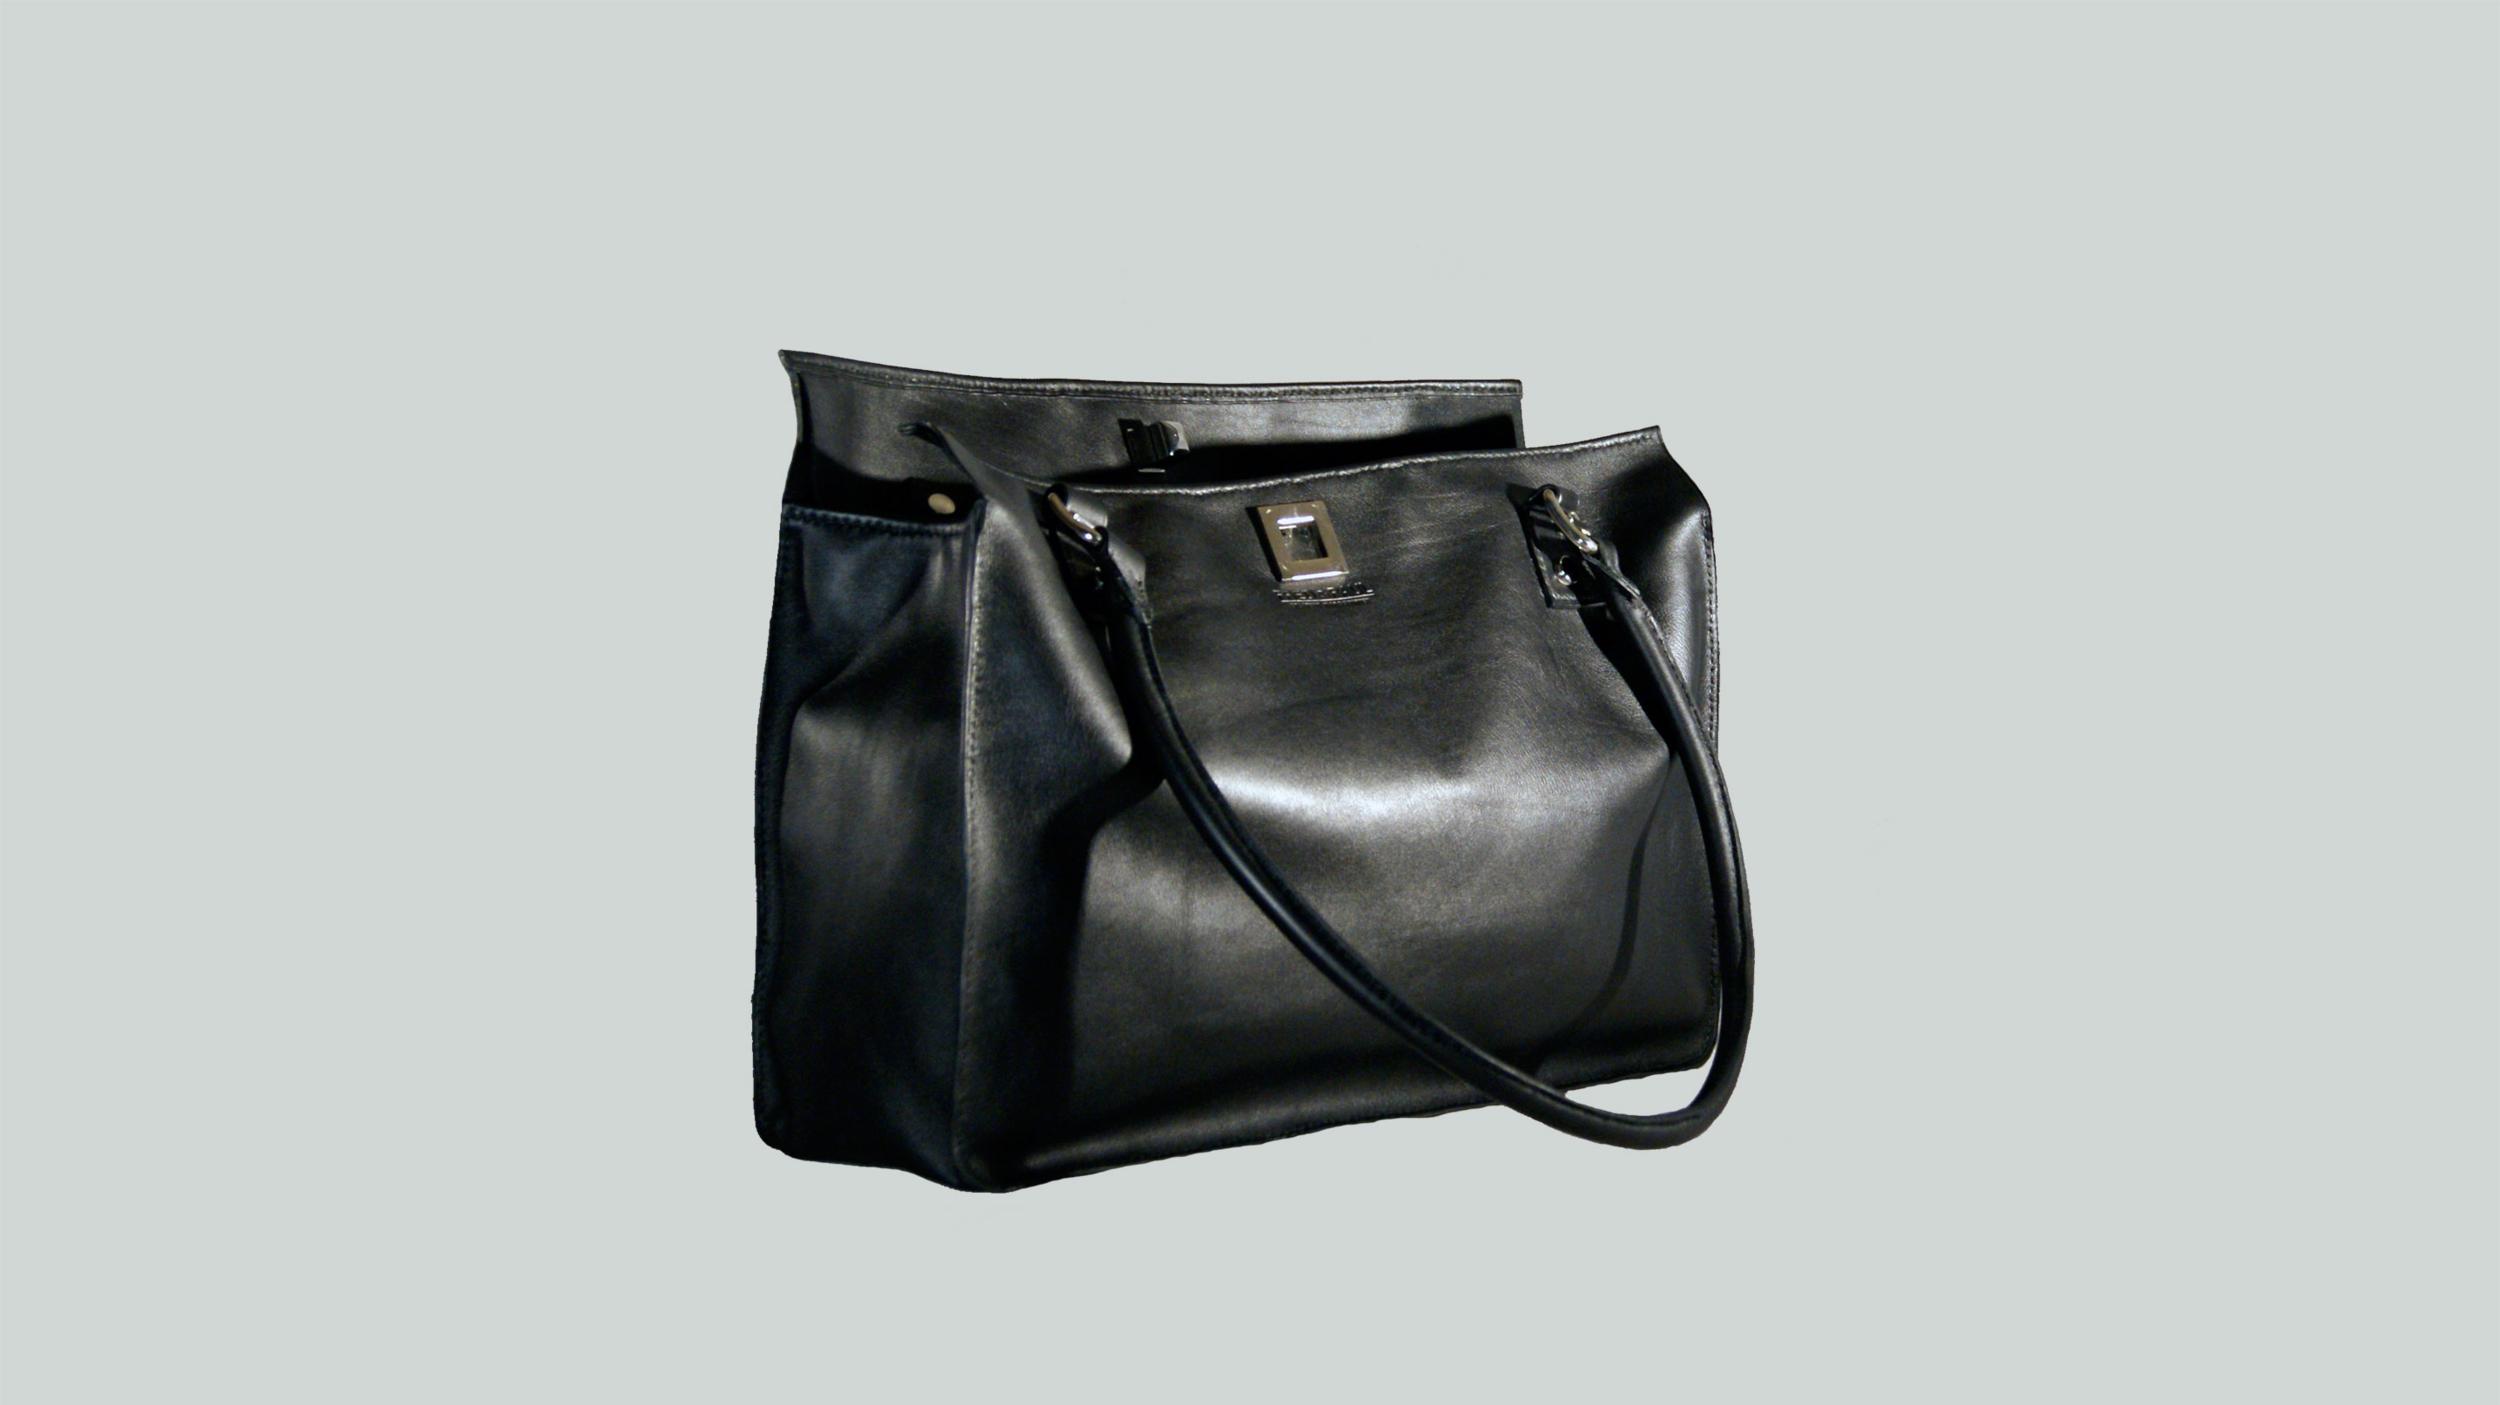 MAKASSAR sac porté main ou épaule en cuir de veau noir